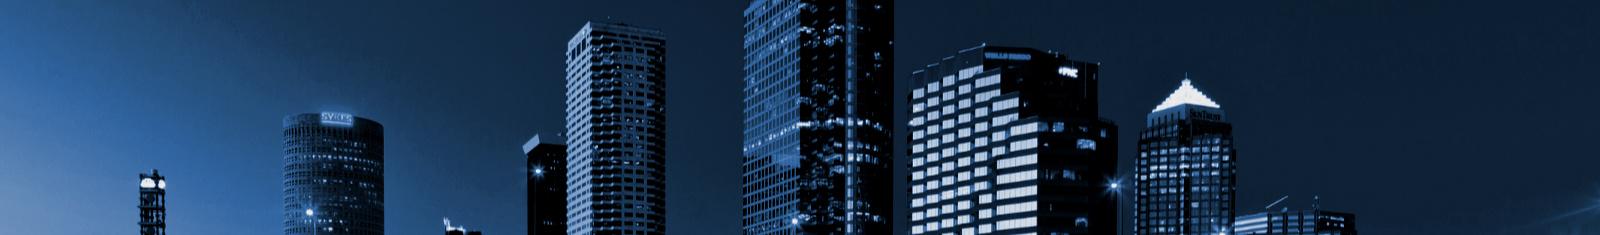 WebDesign309.com Tampa